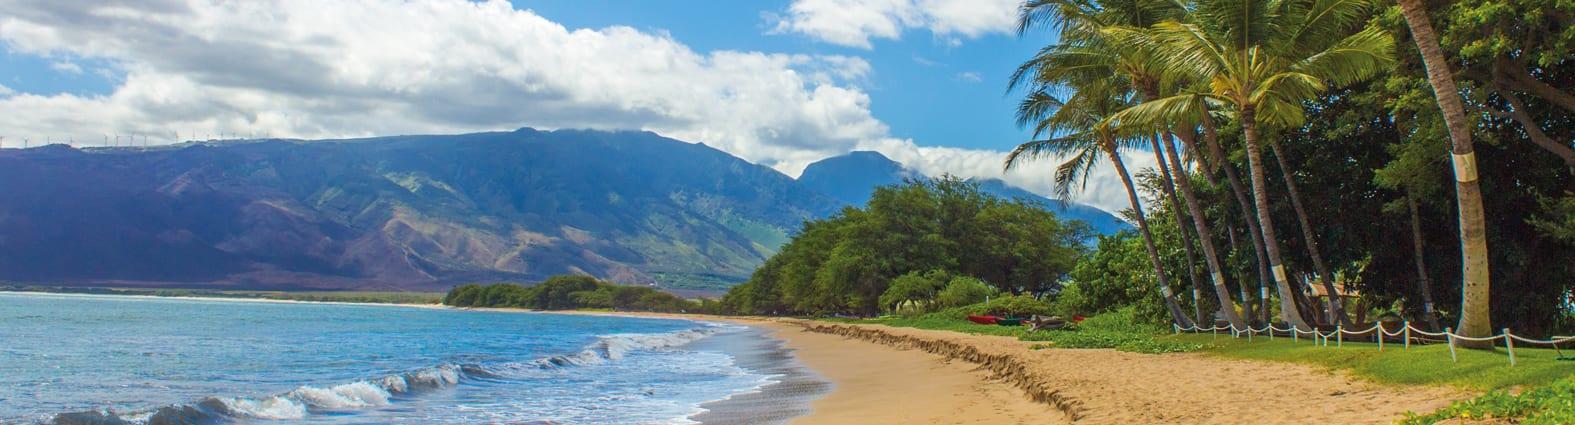 Beach view - 2478